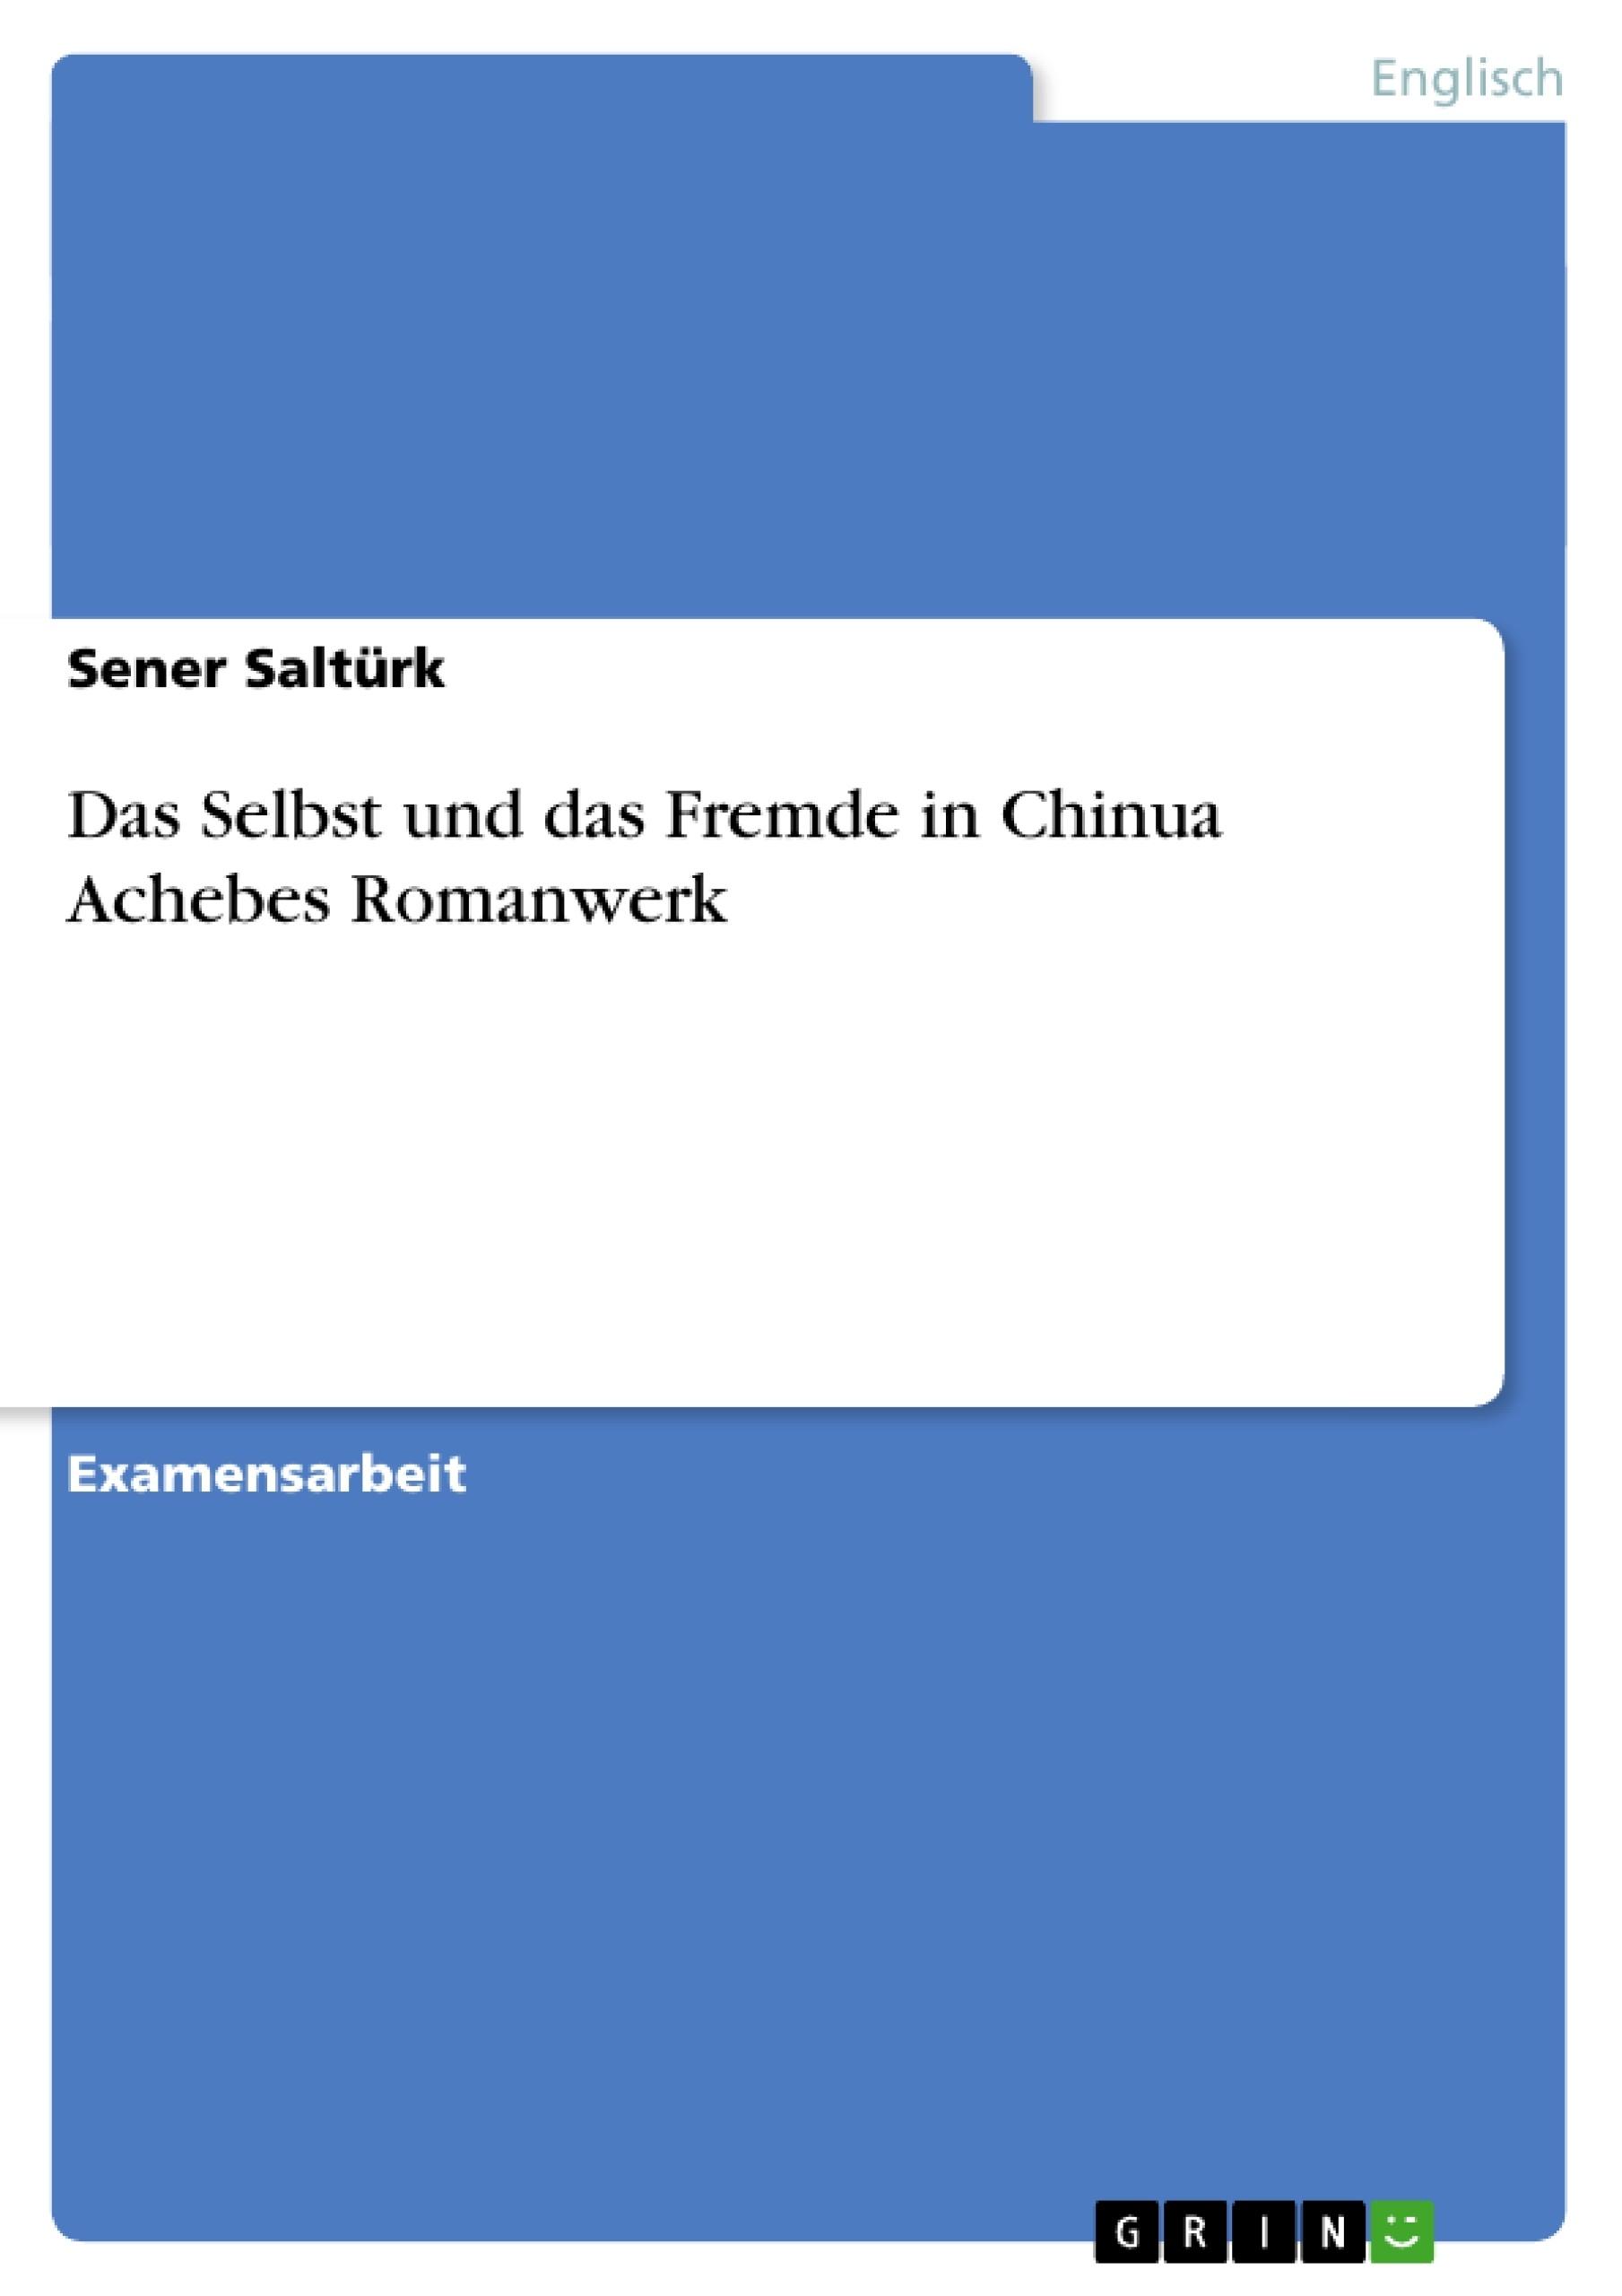 Titel: Das Selbst und das Fremde in Chinua Achebes Romanwerk